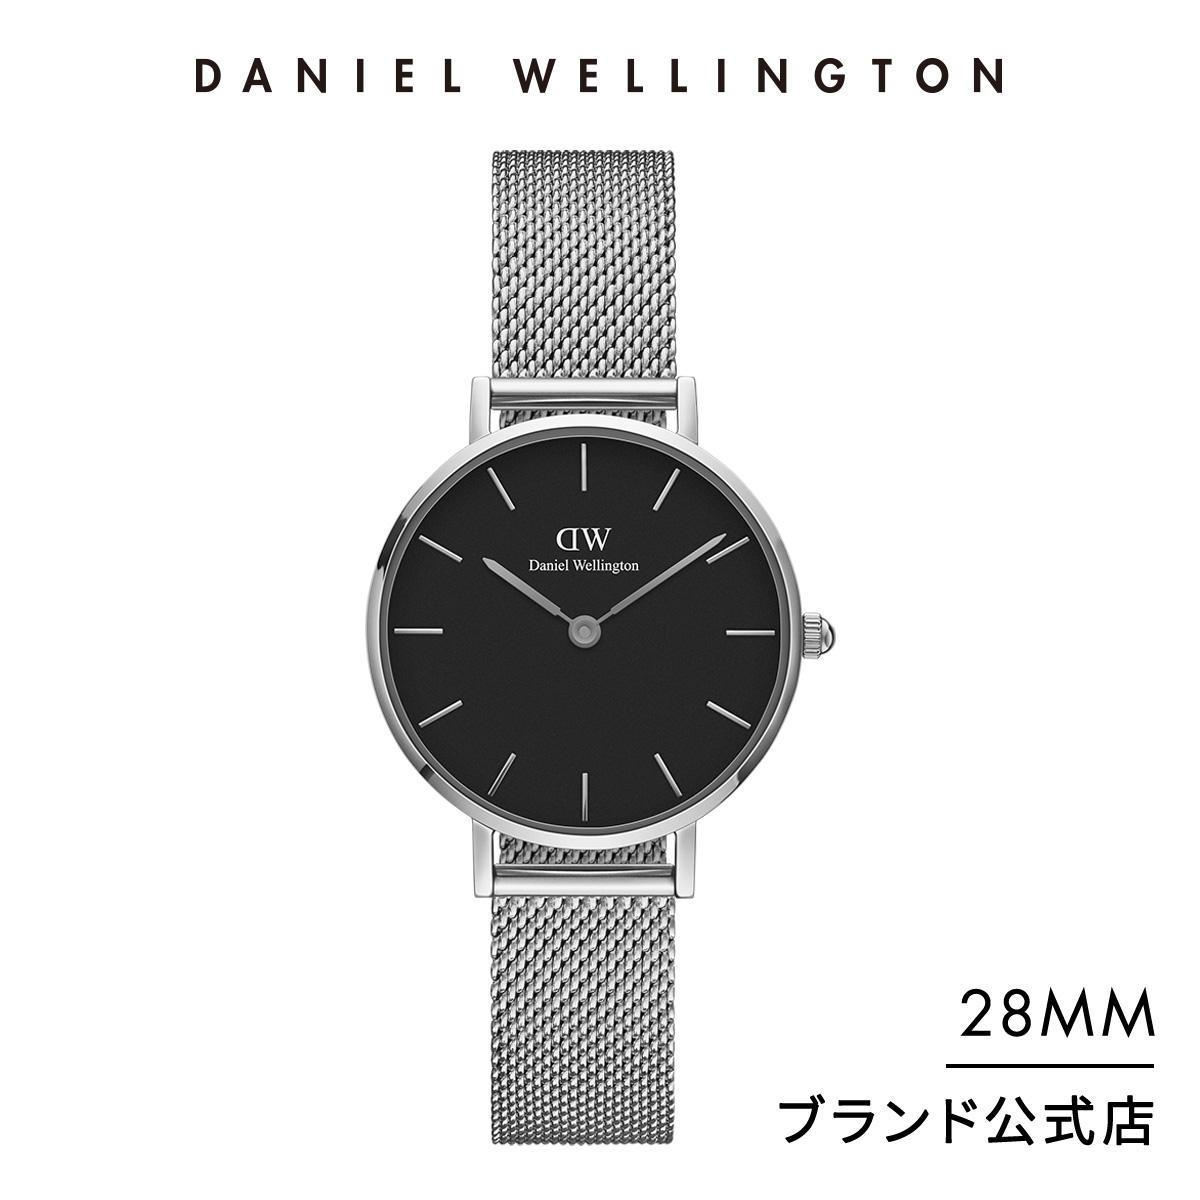 【公式2年保証/送料無料】ダニエルウェリントン公式 レディース 腕時計 Petite Sterling Black 28mm メッシュ ベルト クラシック ぺティート スターリング ブラック DW プレゼント おしゃれ インスタ映え 母の日